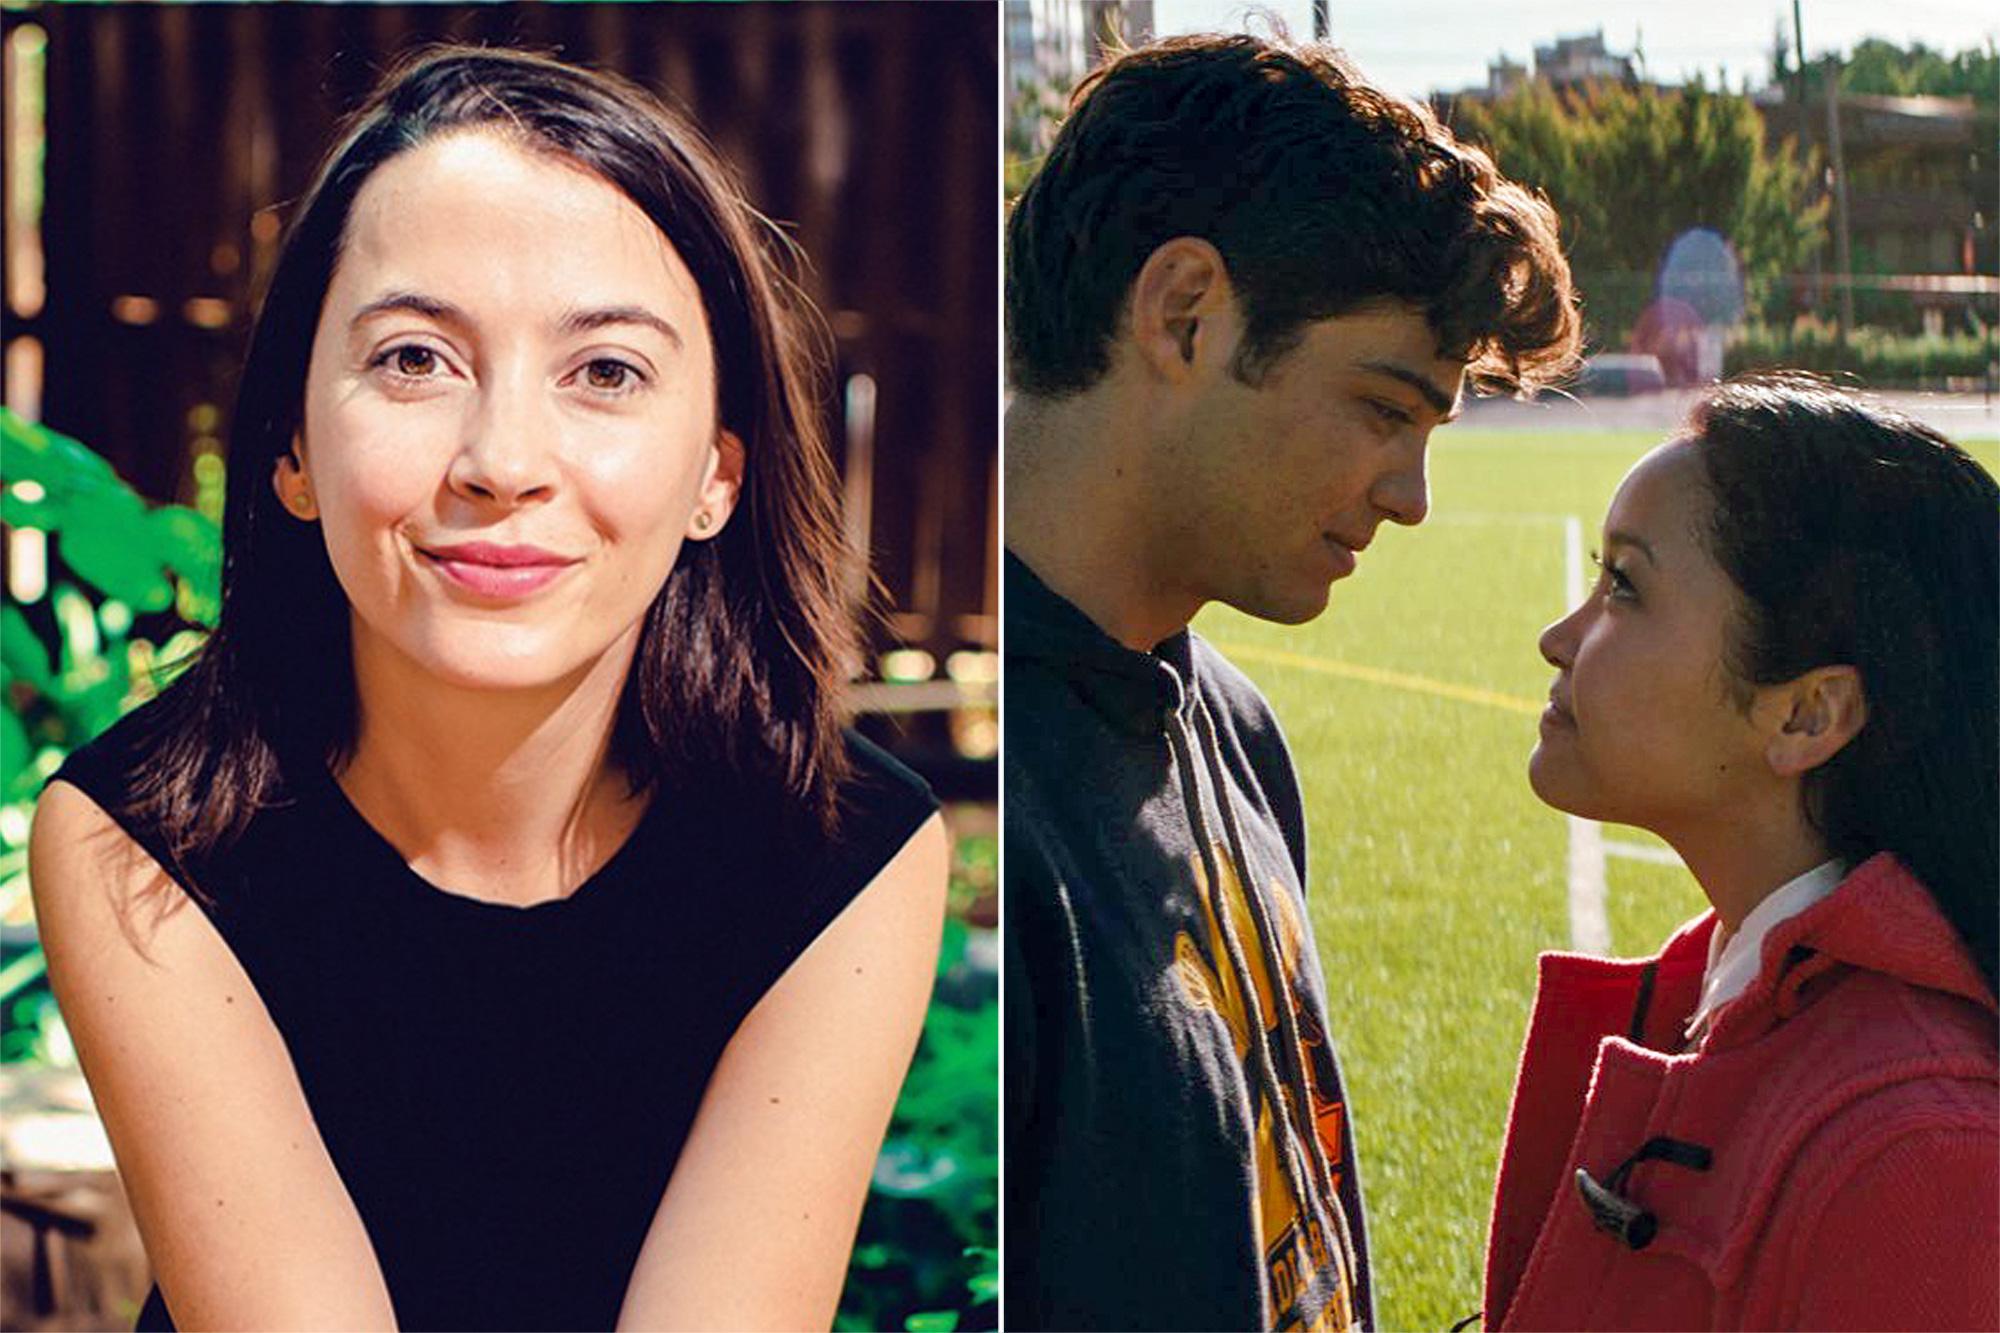 Sofia Alvarez, To All the Boys I've Loved Before